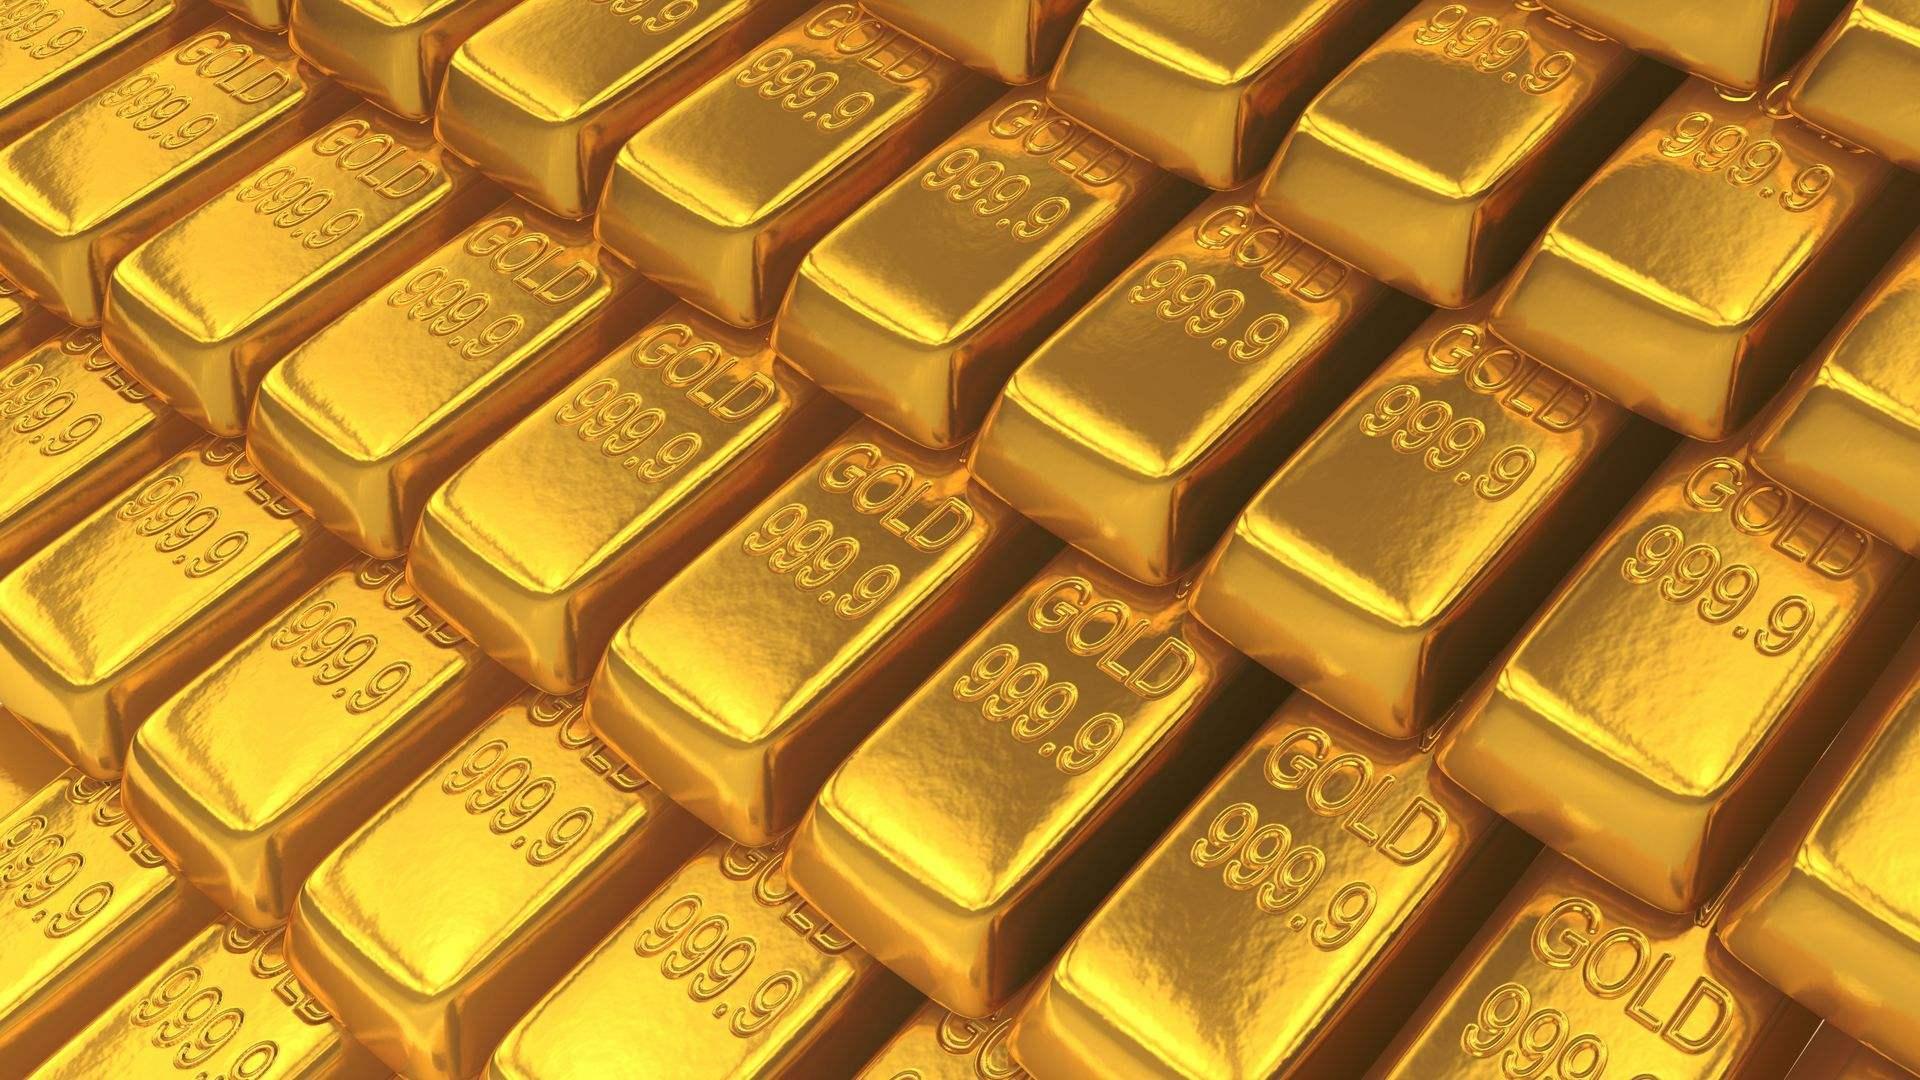 周四现货黄金价格继续下跌